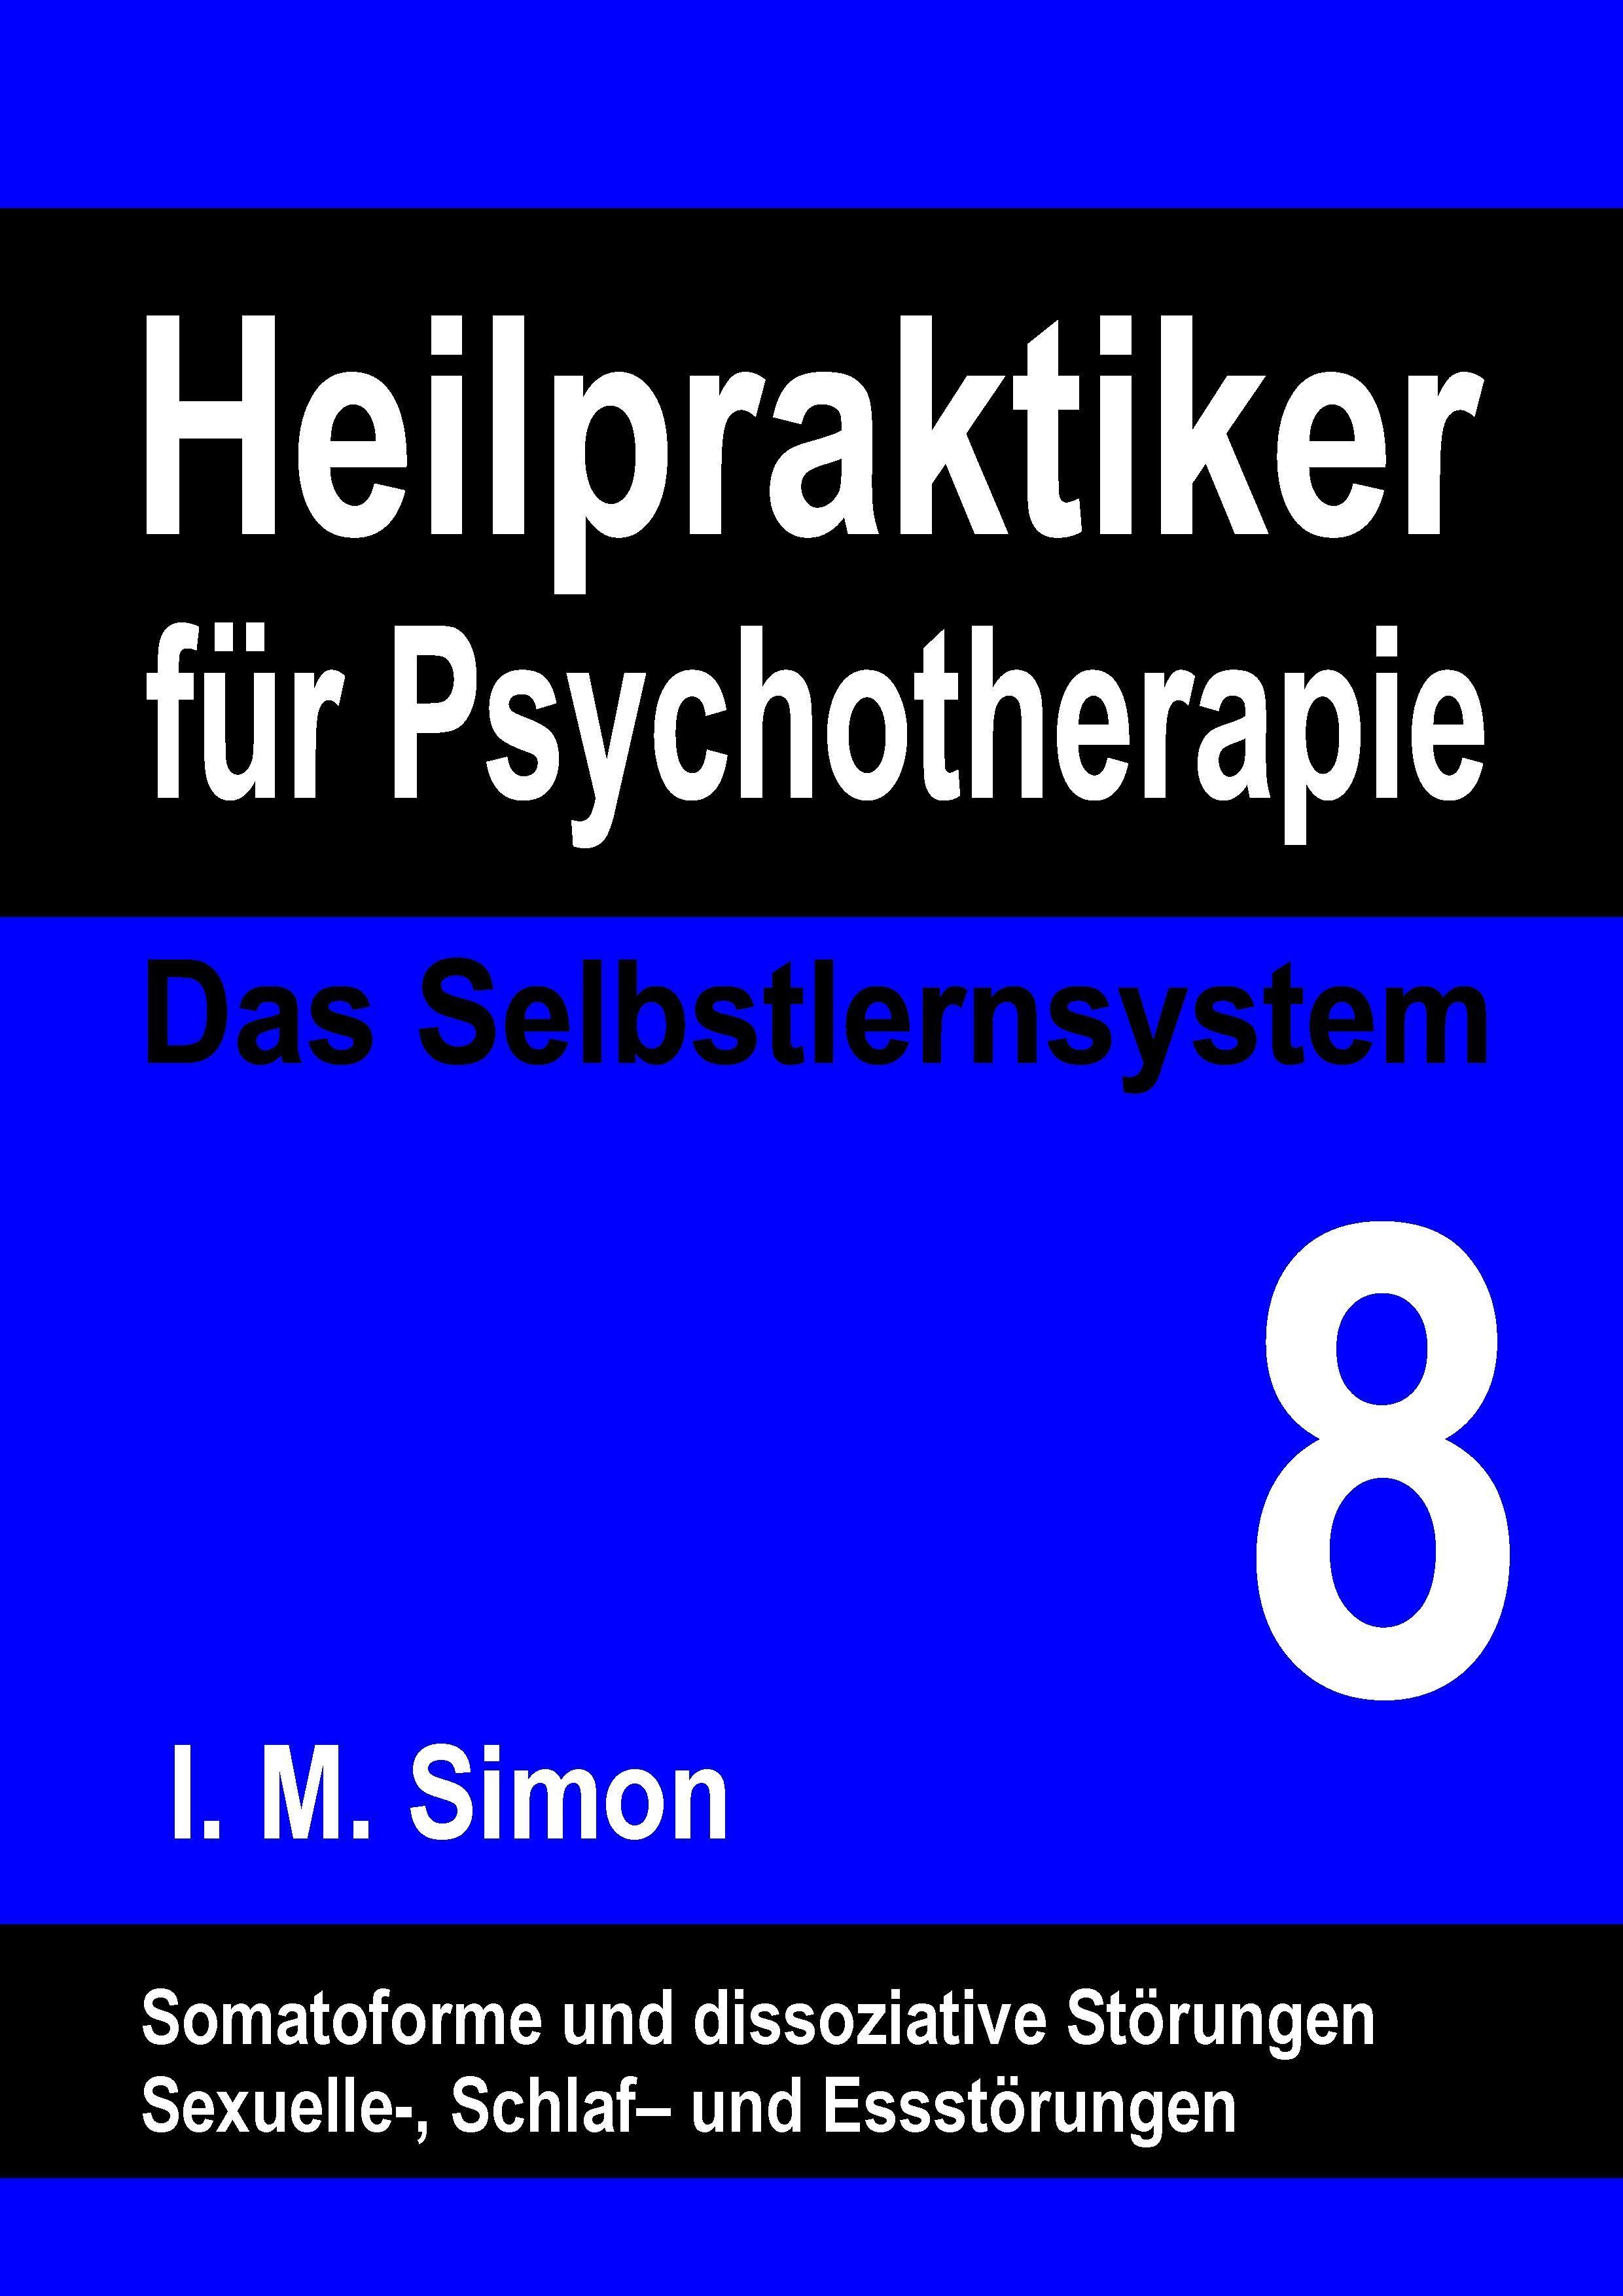 Heilpraktiker für Psychotherapie. Das Selbstlernsystem Band 8